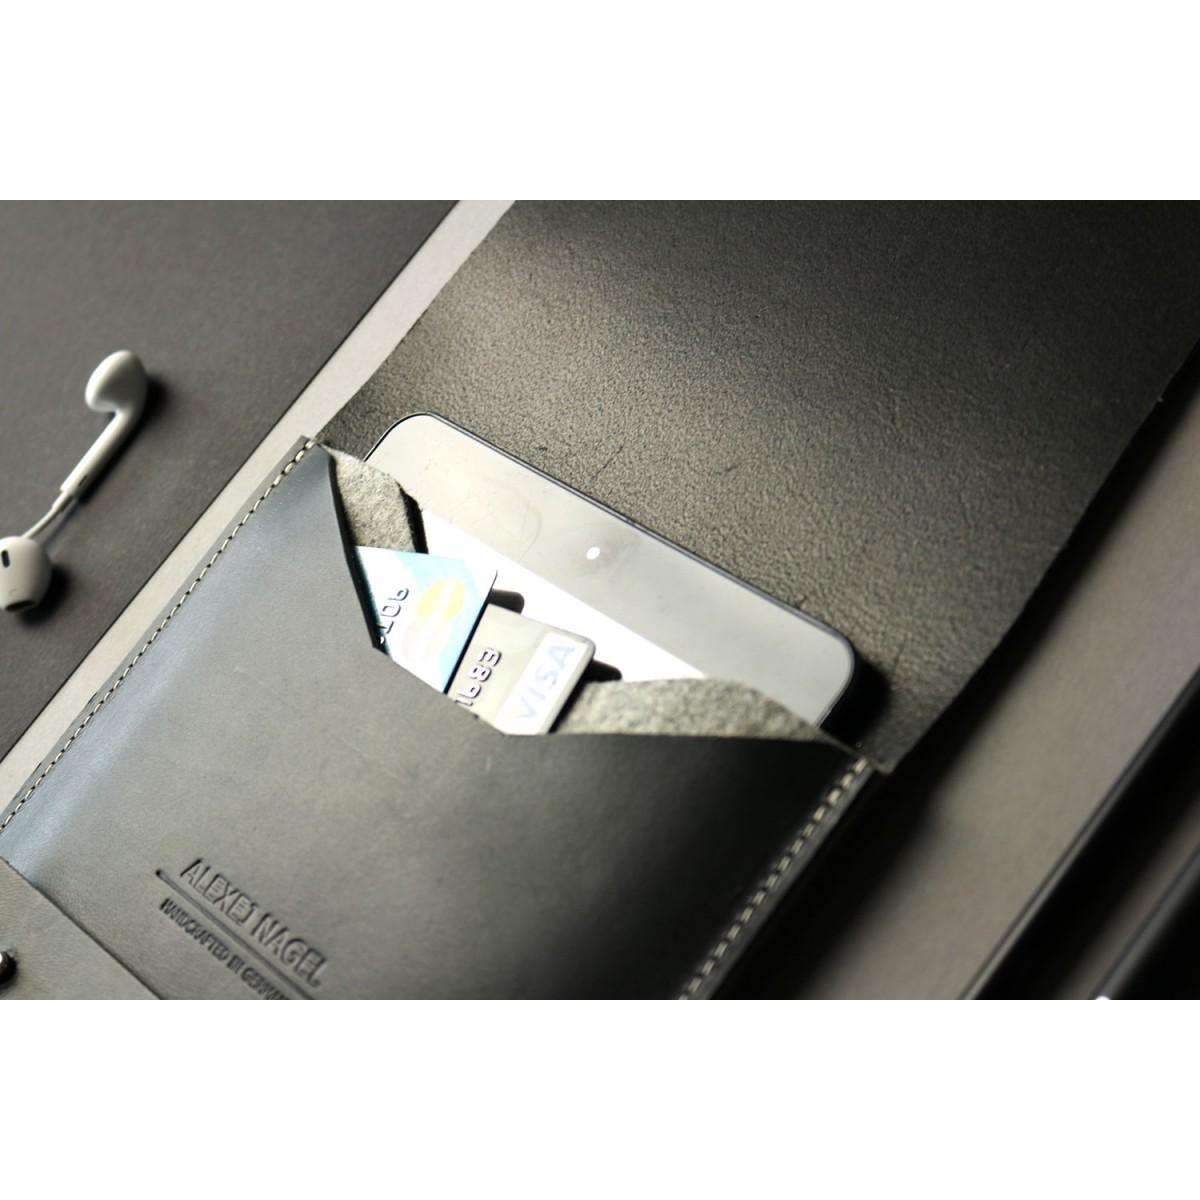 Alexej Nagel Elegante Hülle für iPad Air / Air 2 aus Premiumleder - Schwarz [BL]